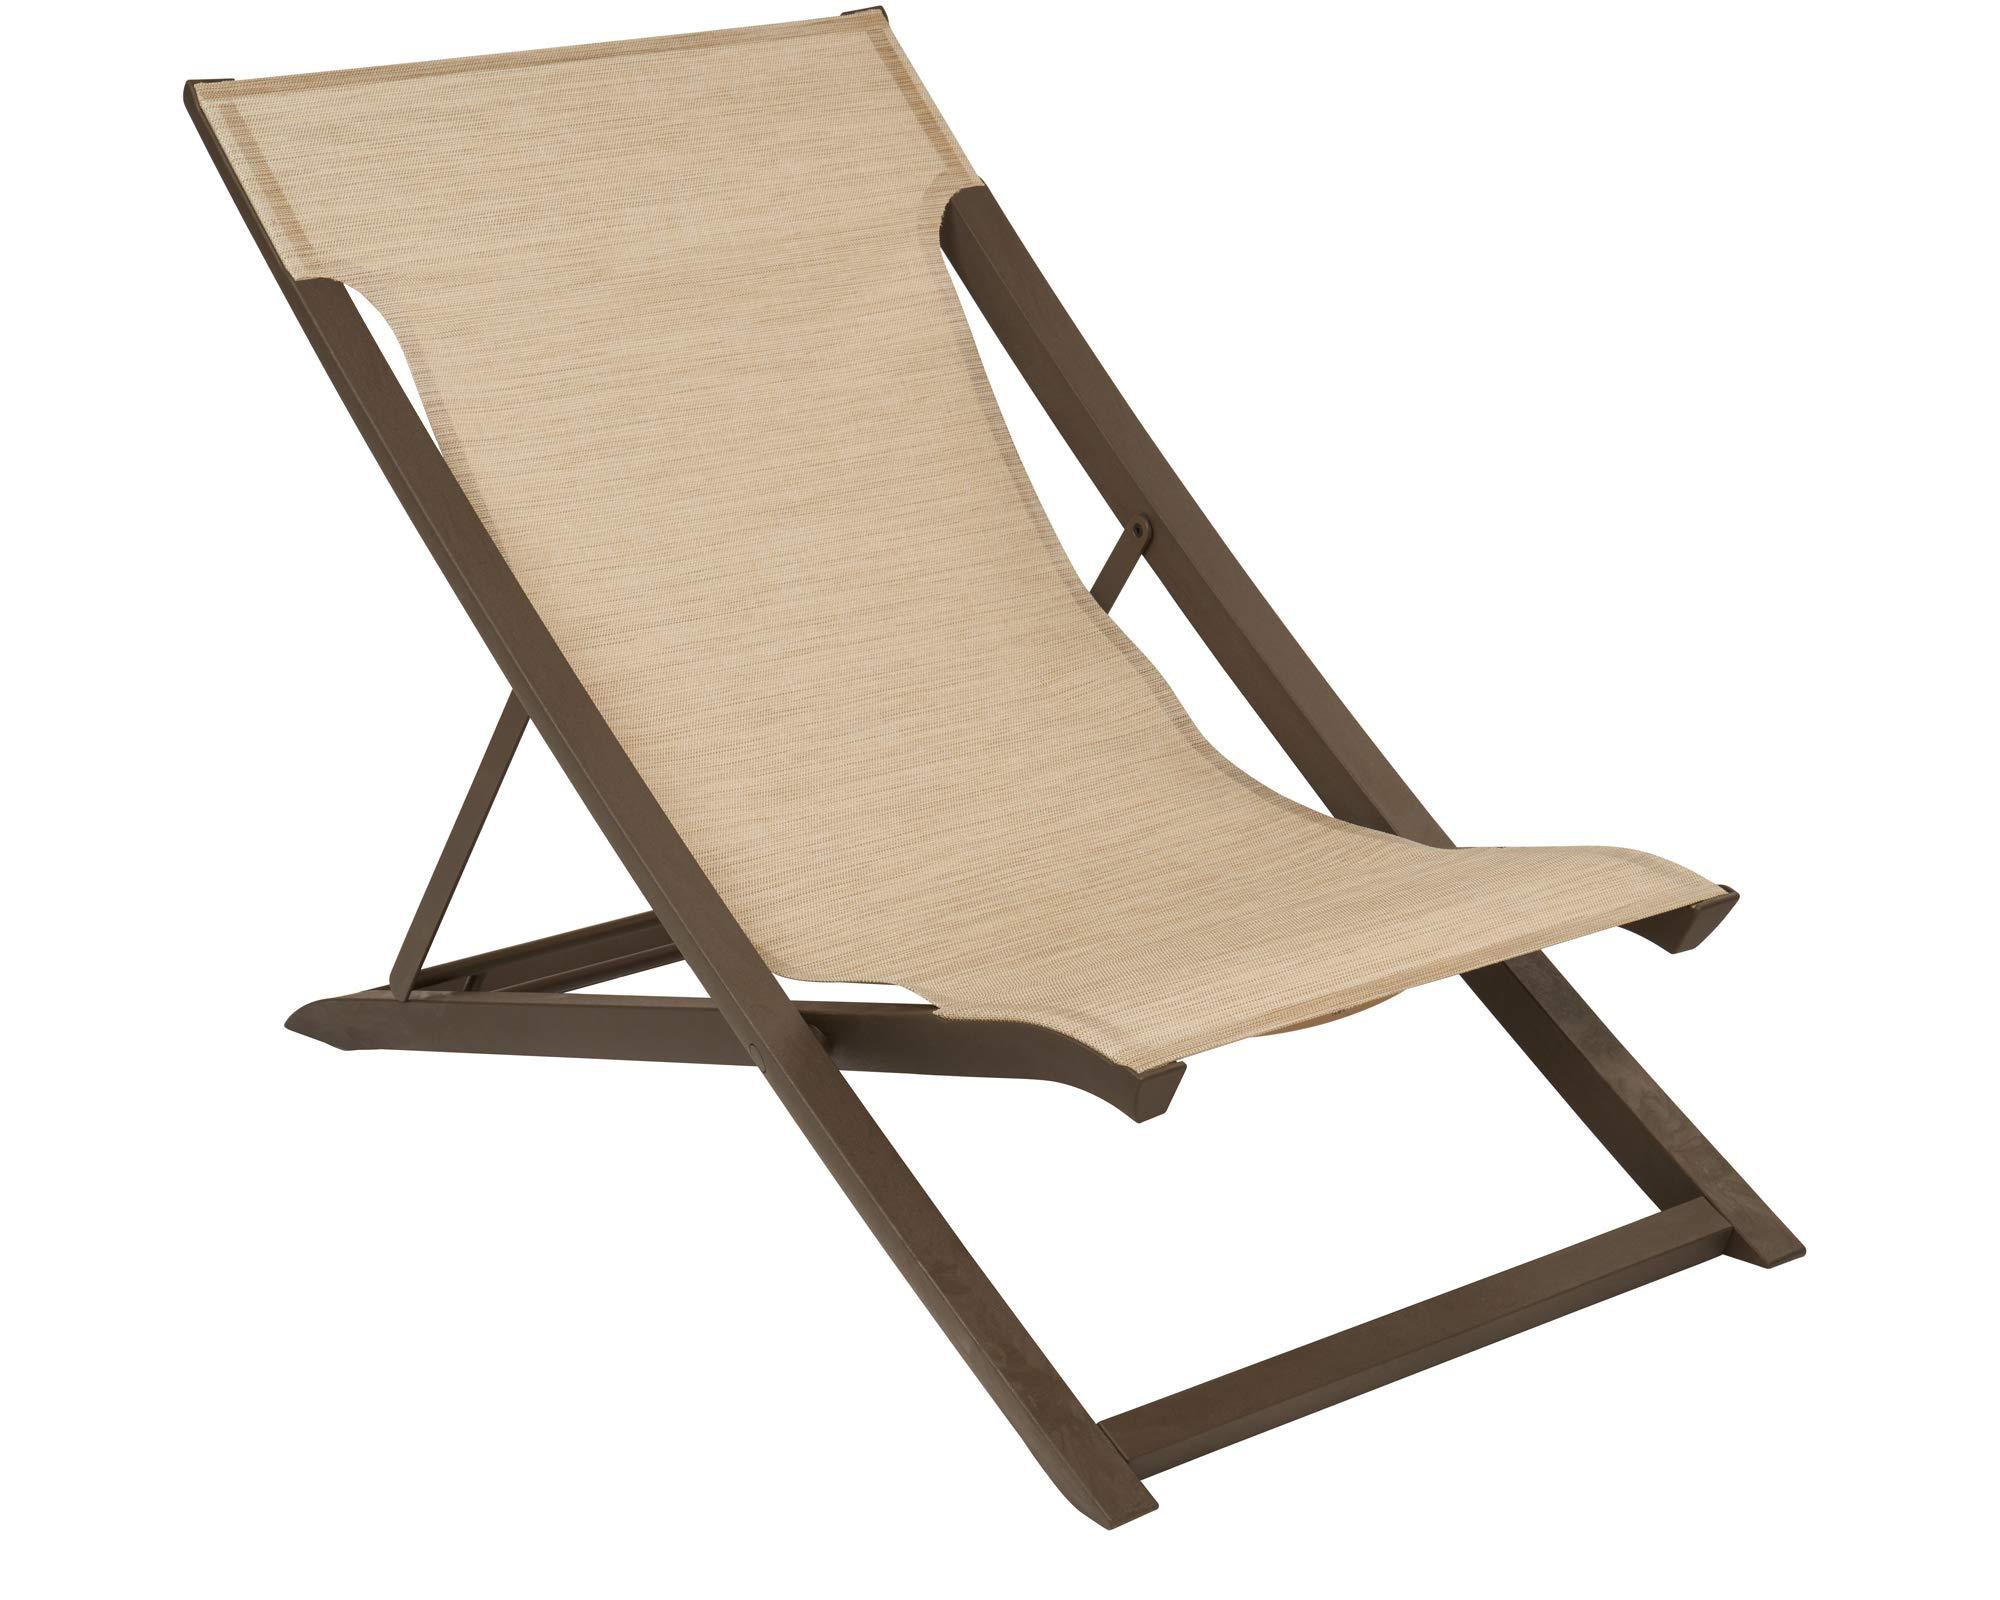 Full Size of Sonnenliege Ikea Amazonde Amazingliegestuhl Klappbar Aus Holz Küche Kaufen Kosten Betten Bei Sofa Mit Schlaffunktion 160x200 Miniküche Modulküche Wohnzimmer Sonnenliege Ikea